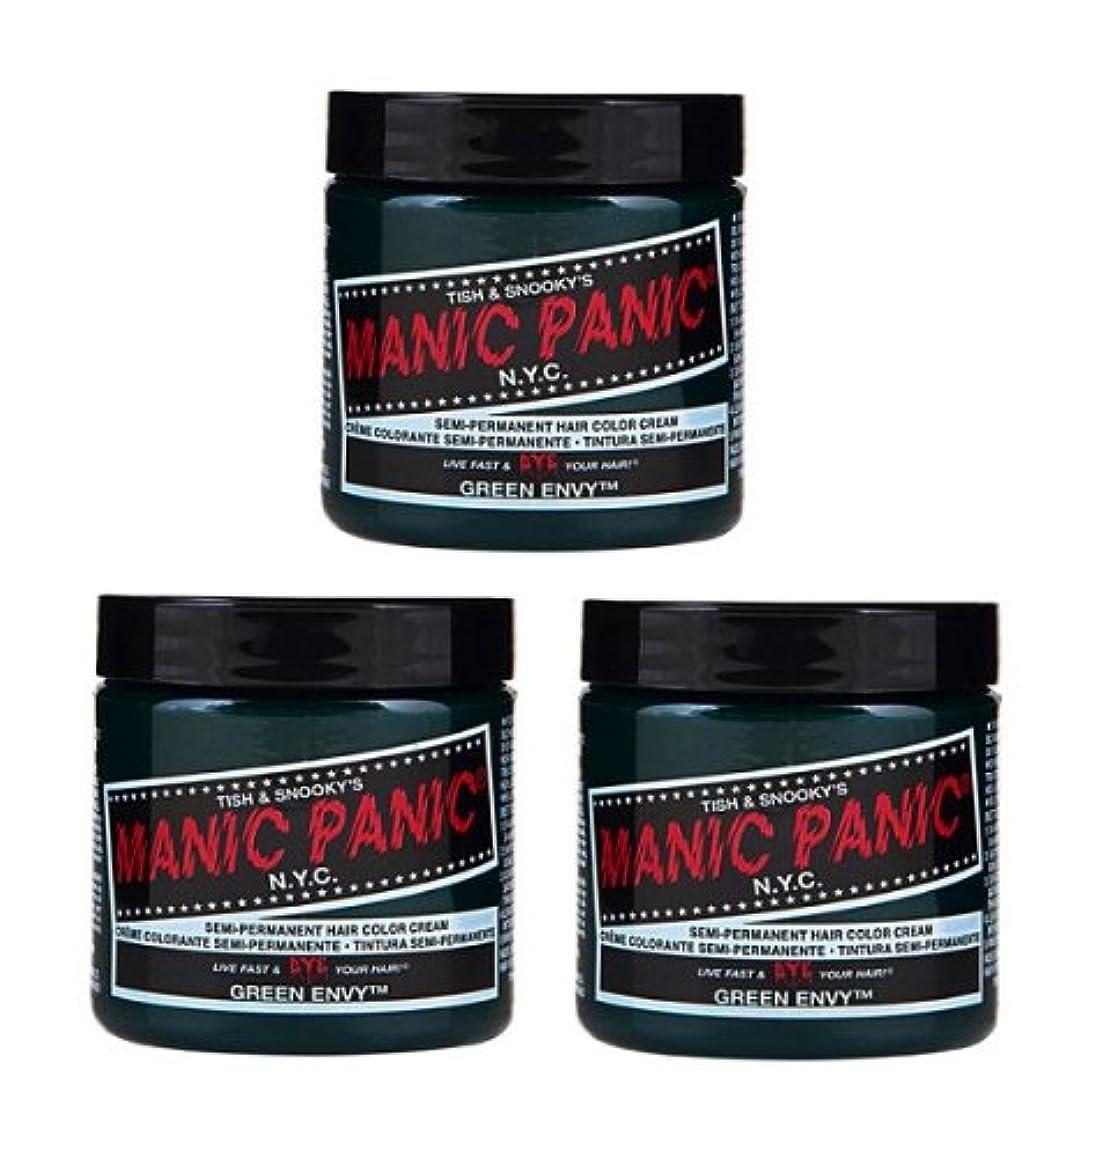 代わりにタイプライターミルク【3個セット】MANIC PANIC マニックパニック Green Envy グリーンエンヴィ 118ml